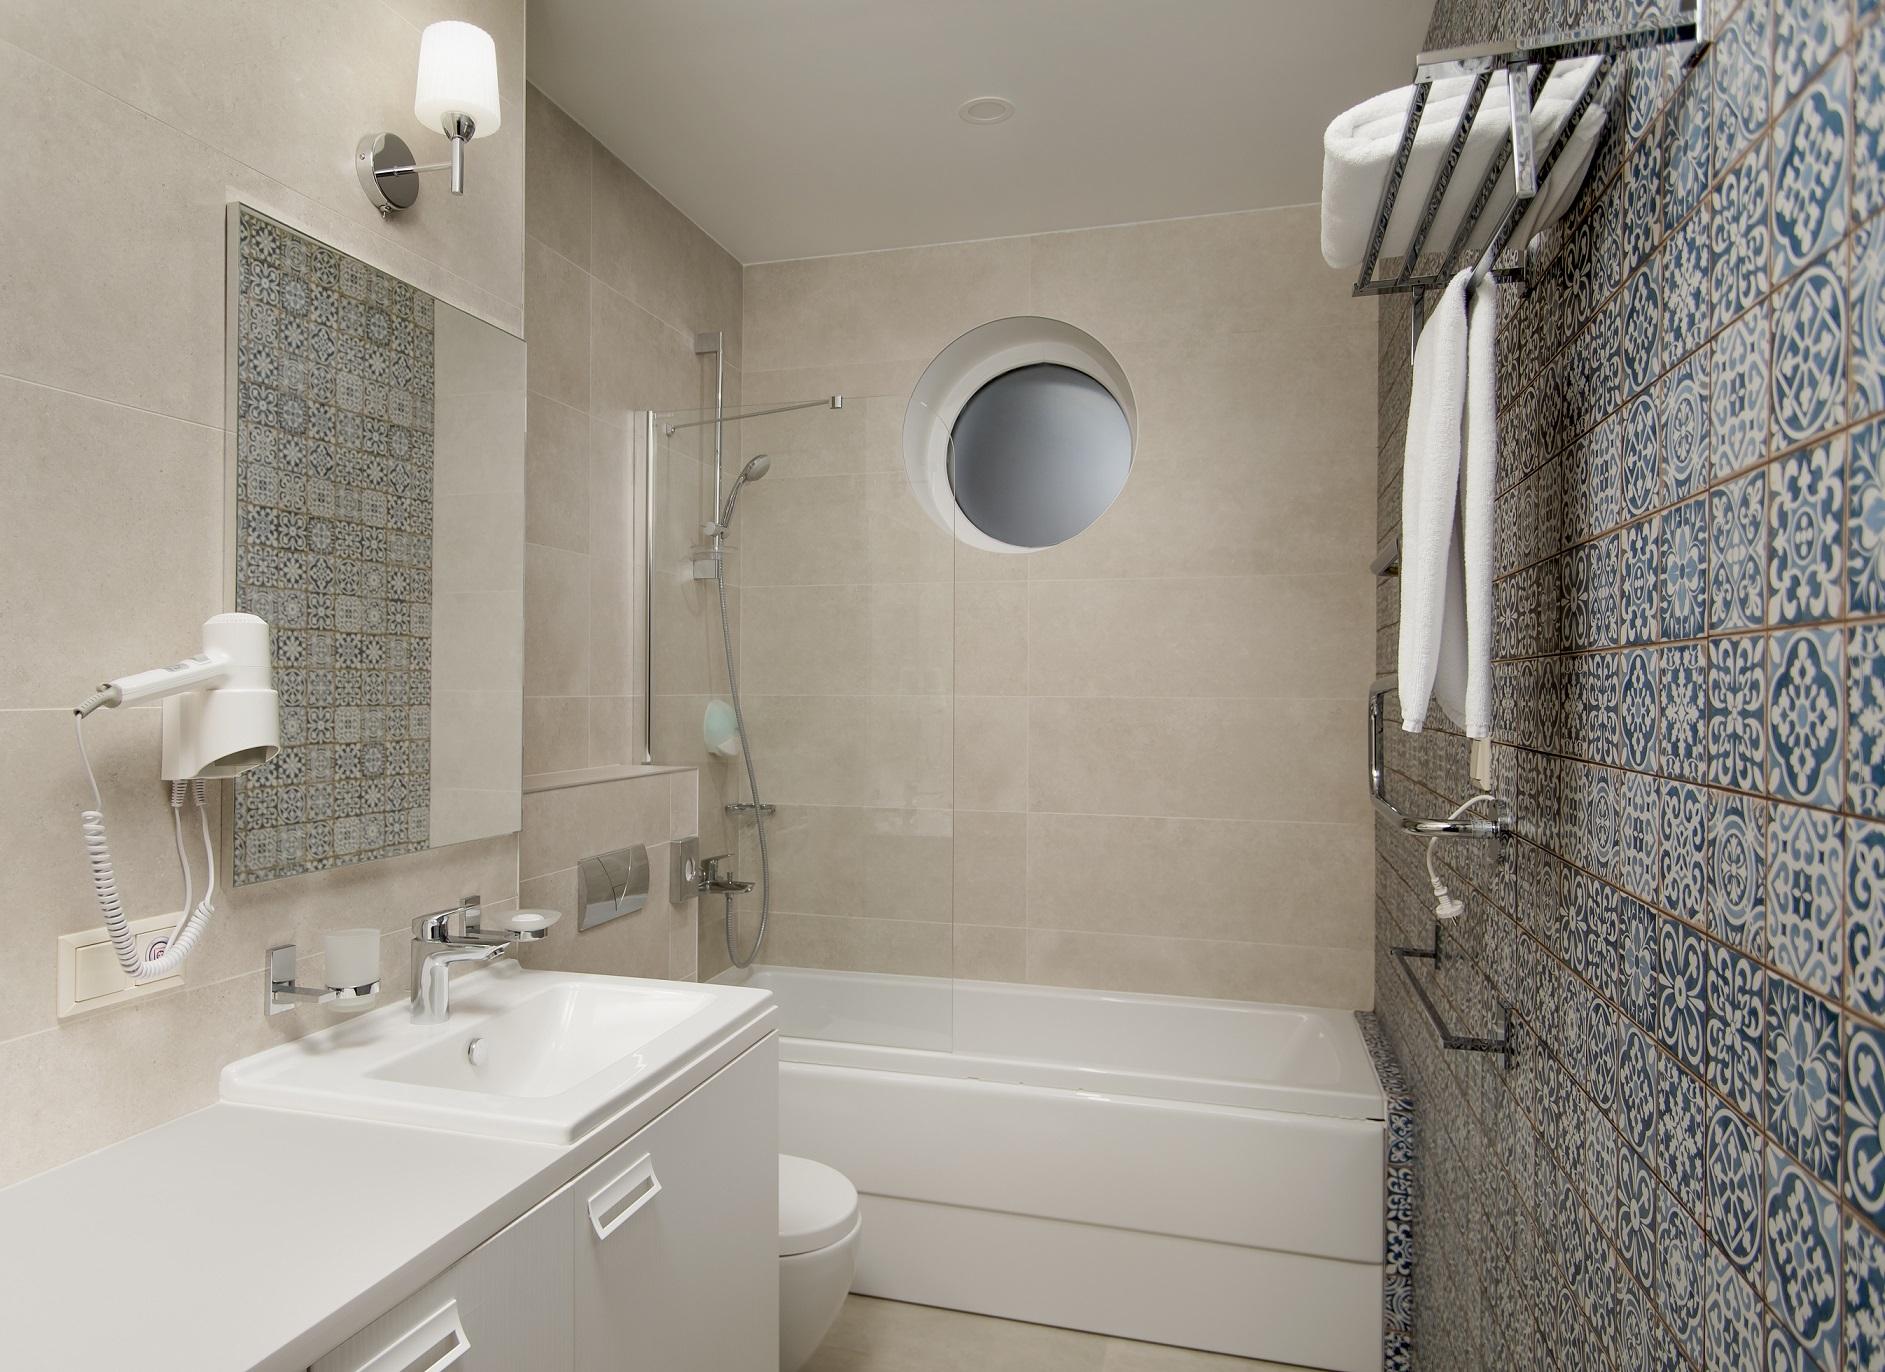 Iconic Bathroom